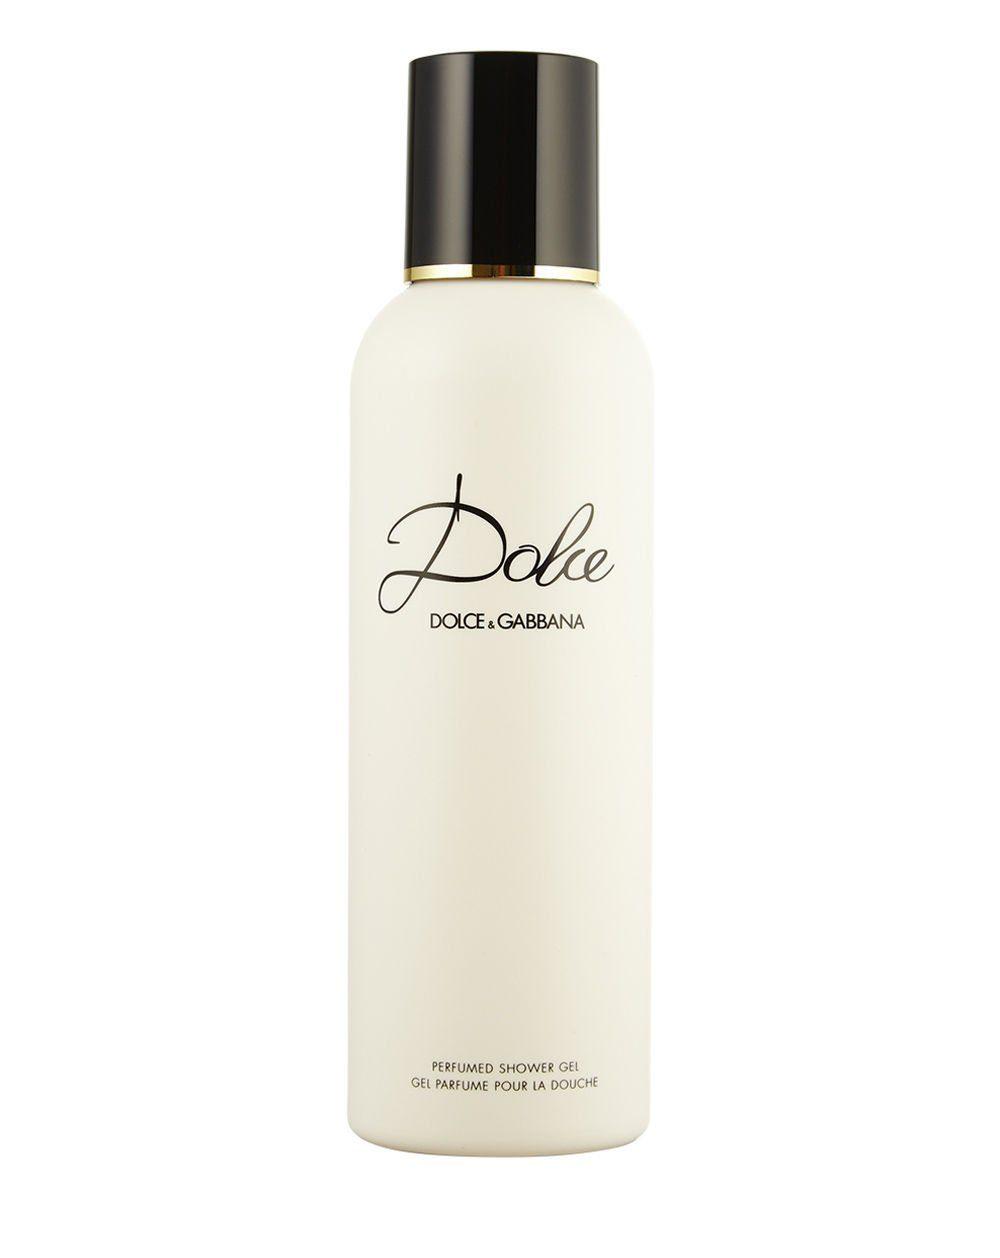 DOLCE&GABBANA Duschgel »Dolce«